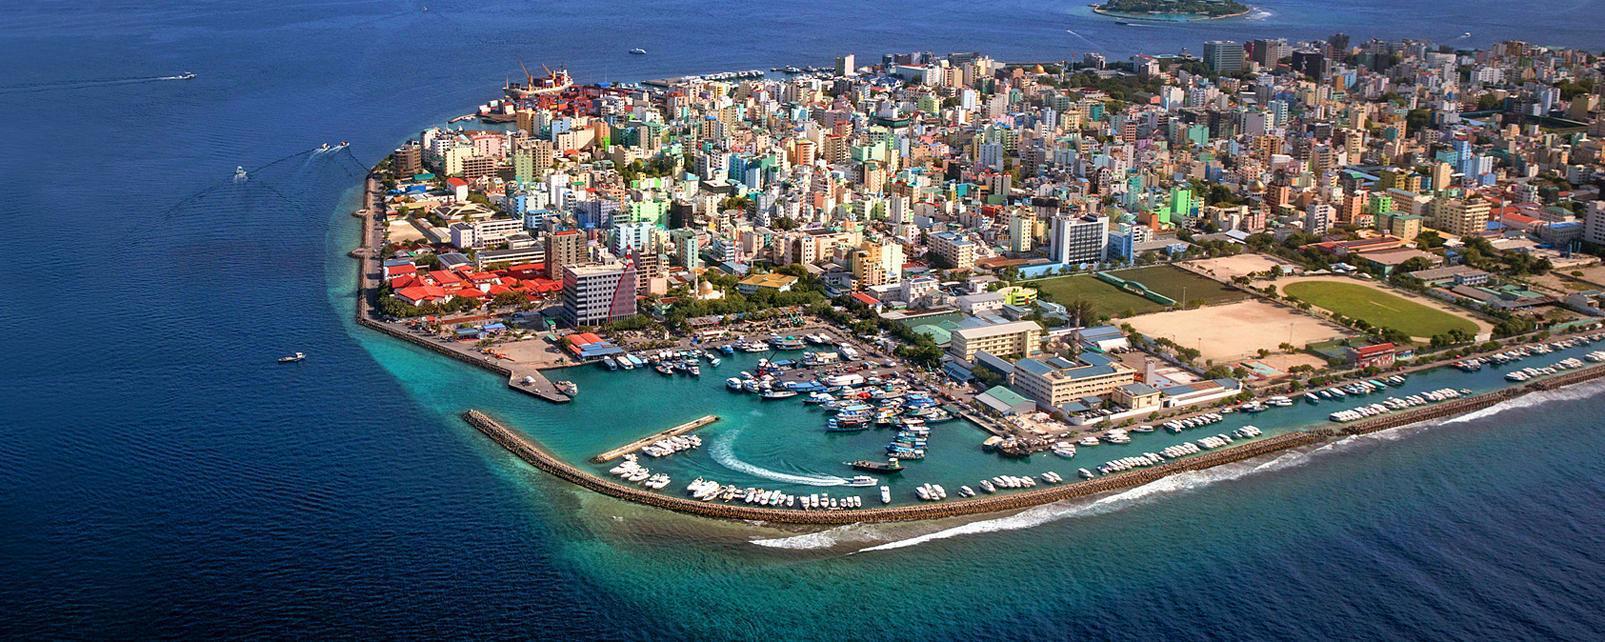 Voyage Maldives Vol Hotel